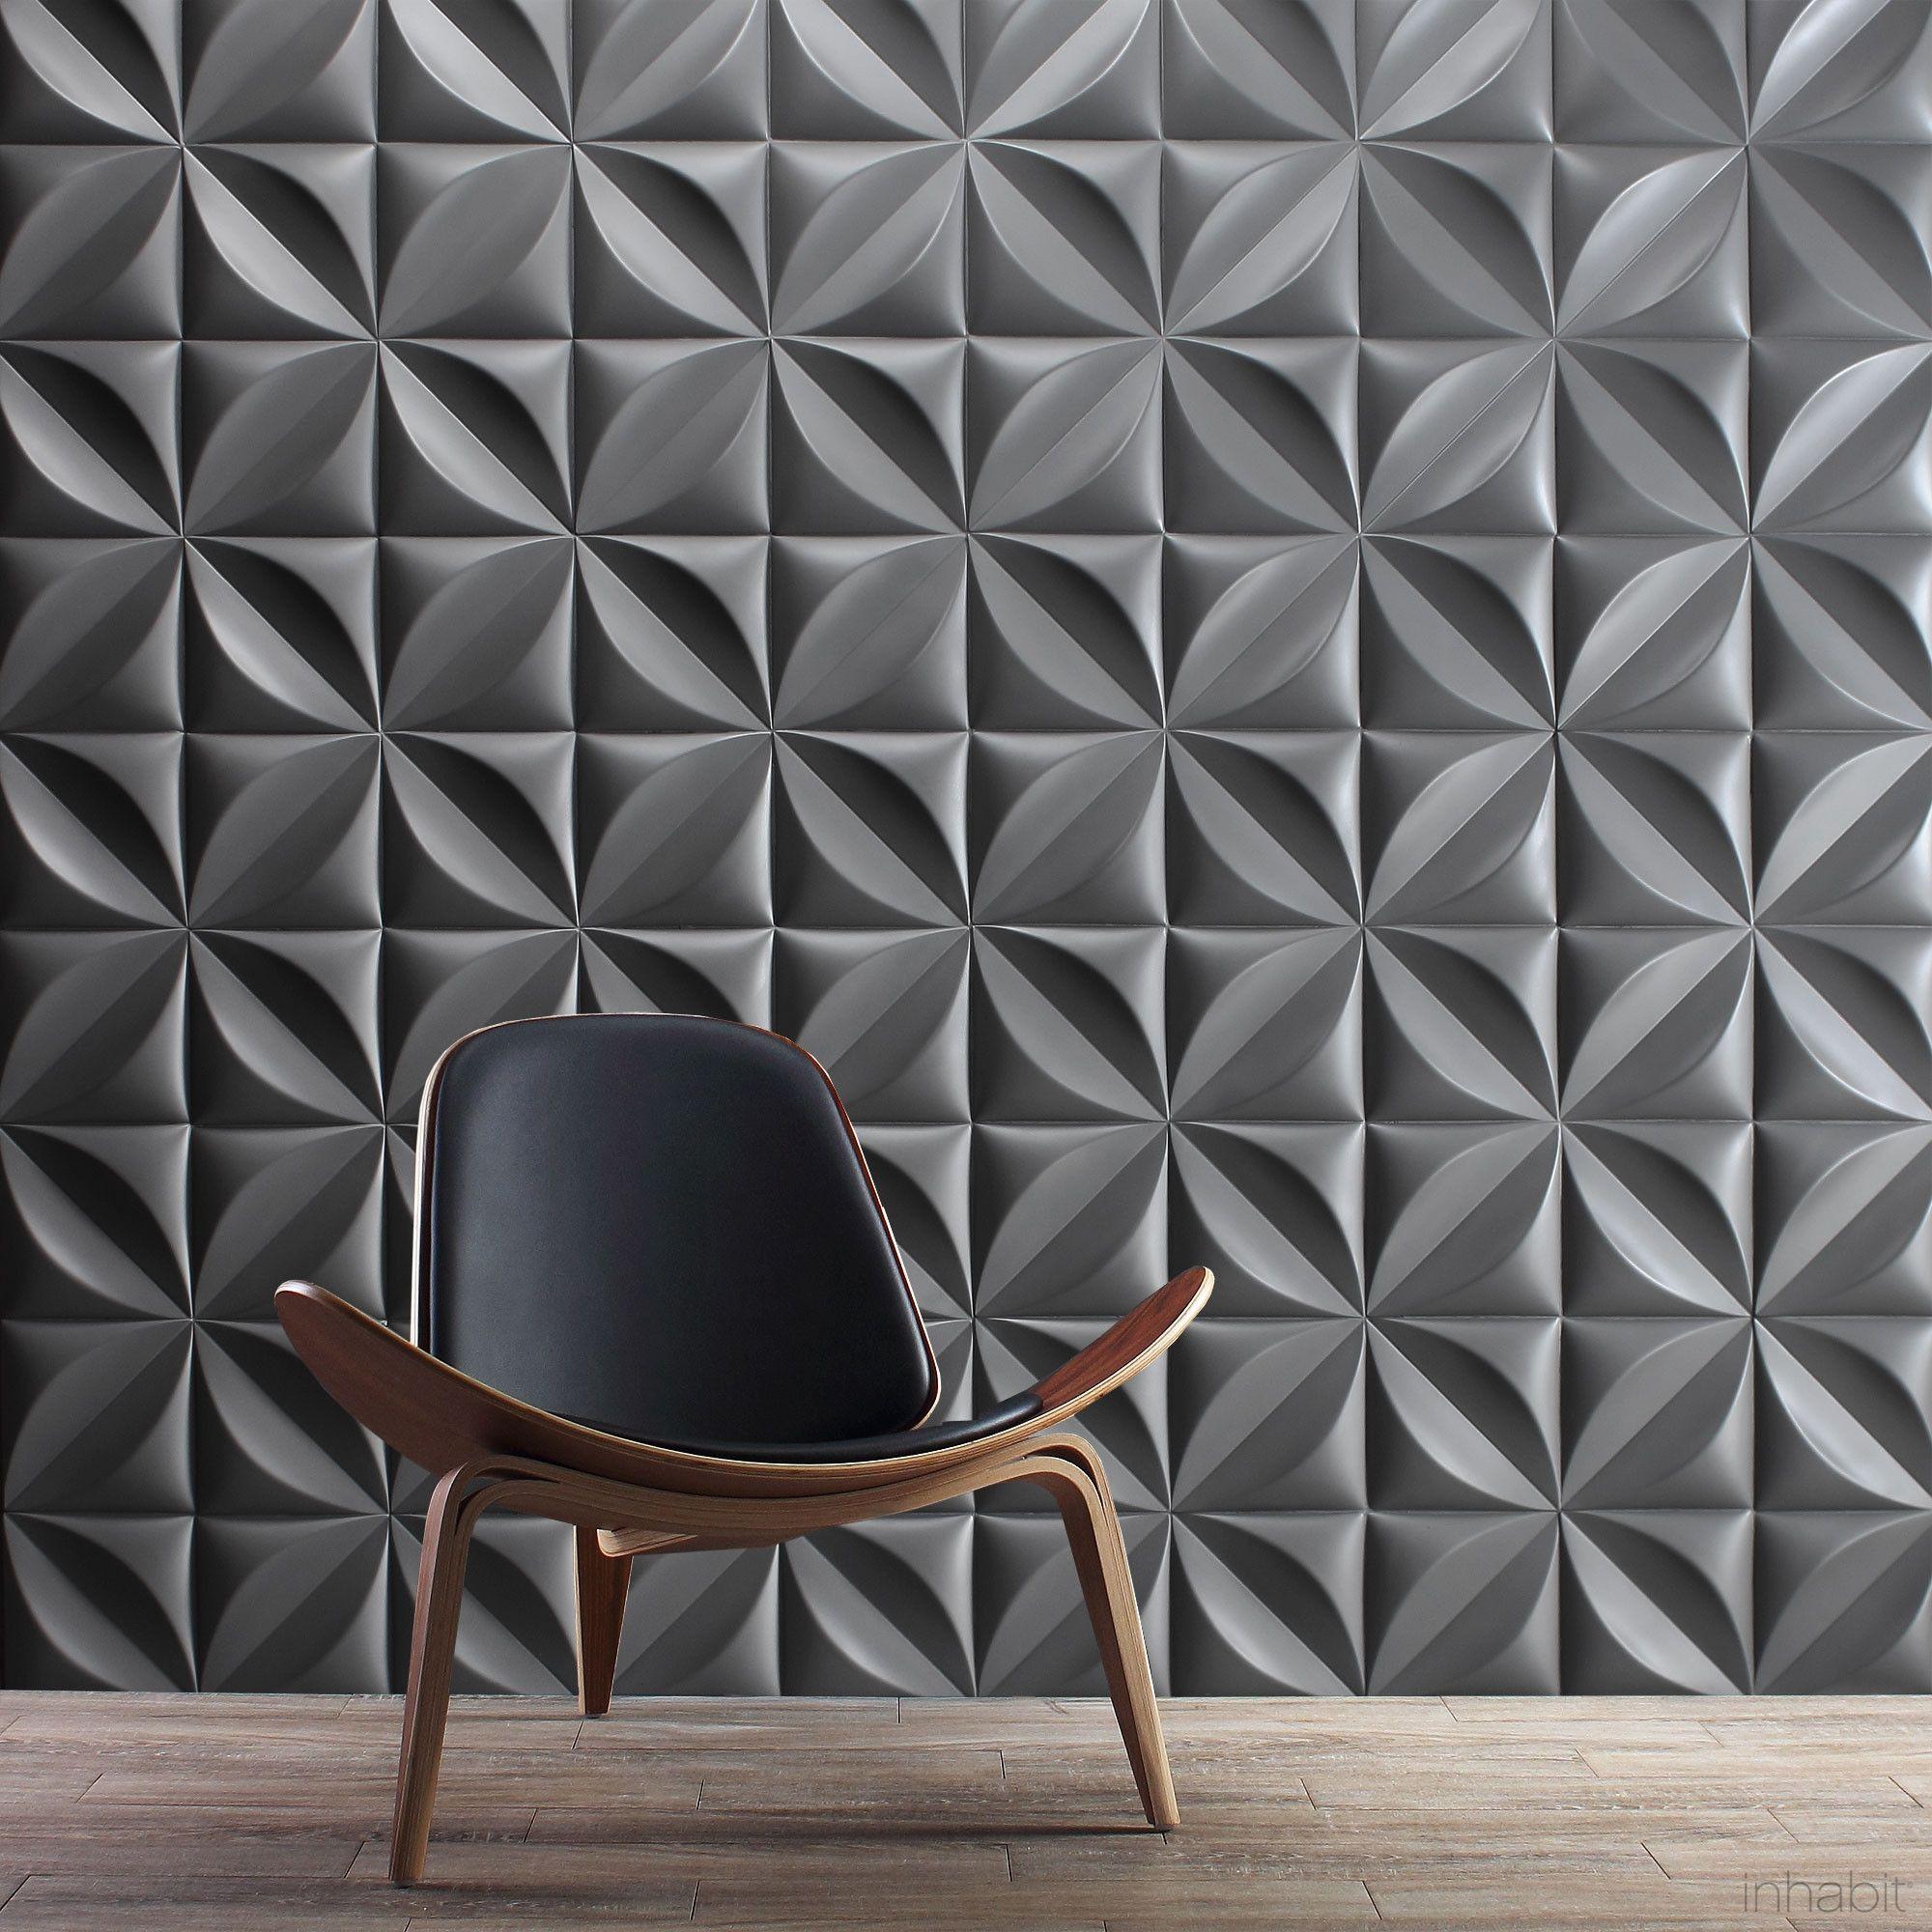 Chrysalis Cast Architectural Concrete Tile Natural Wall Tiles Design 3d Wall Tiles Concrete Tiles